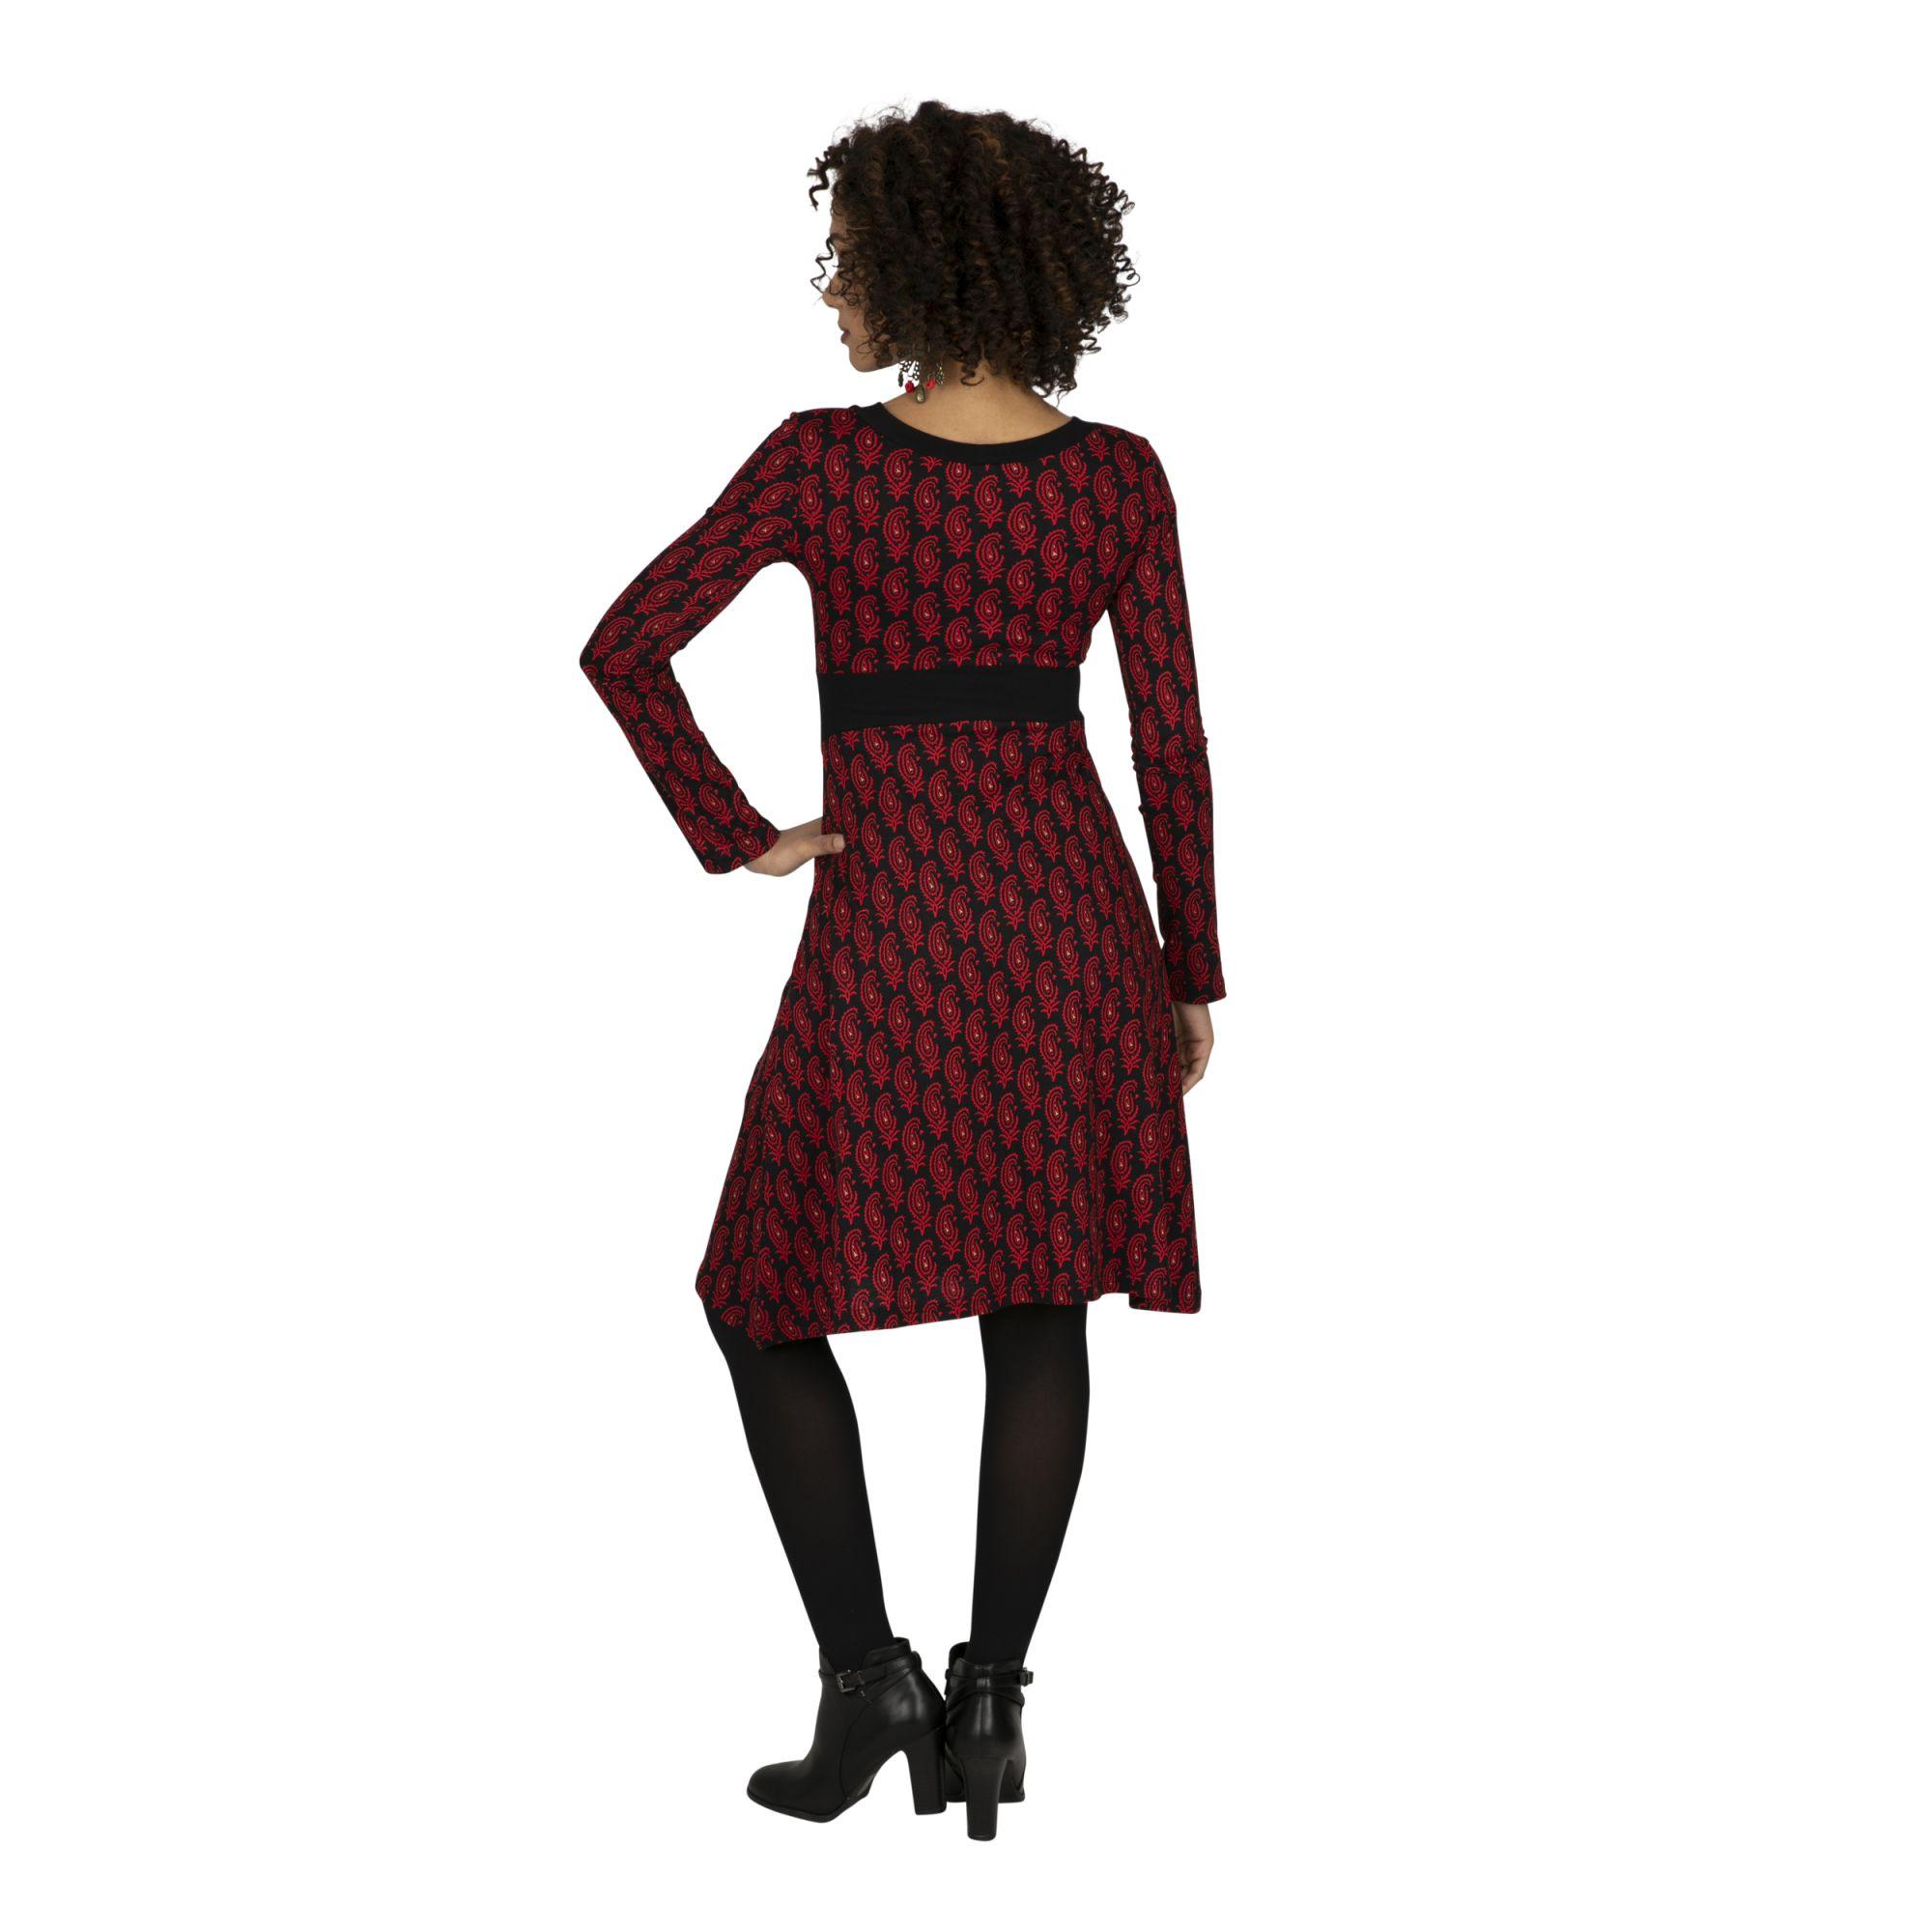 Robe féminine rouge et noire à imprimé tendance Jerka